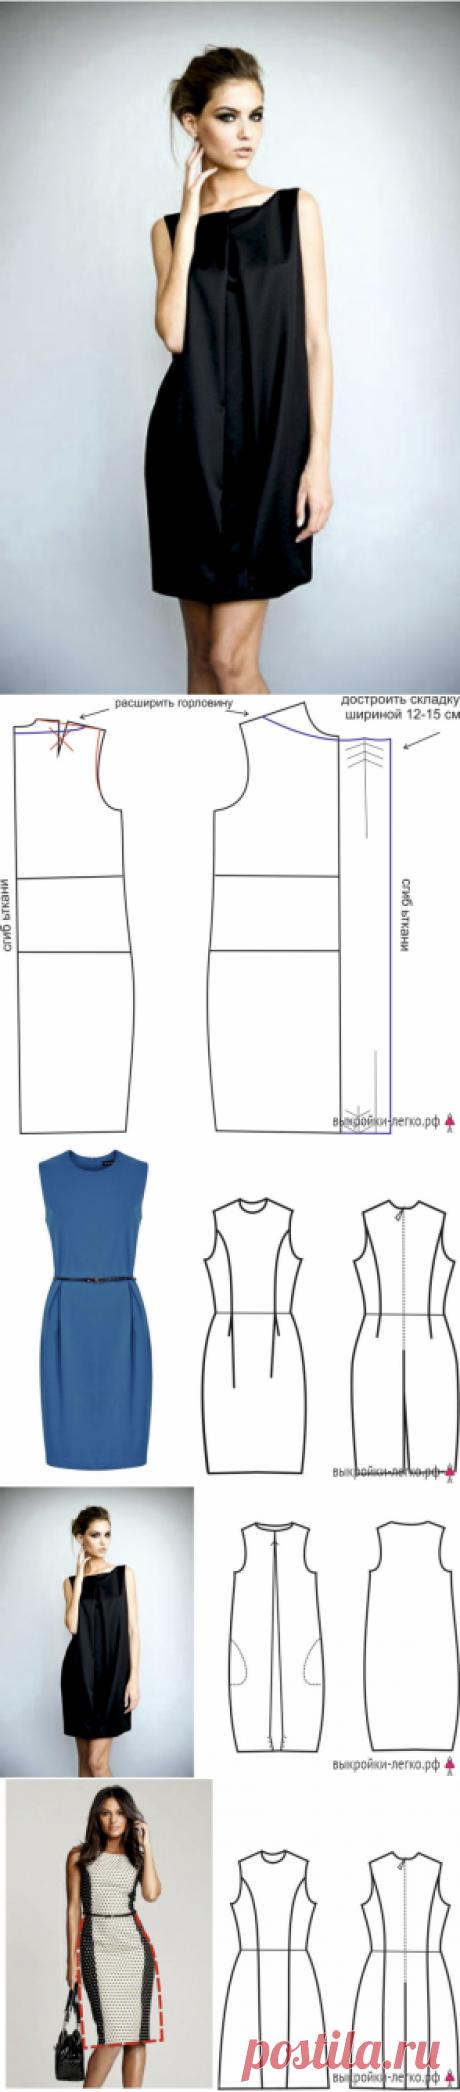 Платья на разные типы фигур для начинающих   Готовые выкройки и уроки по построению на Выкройки-Легко.рф